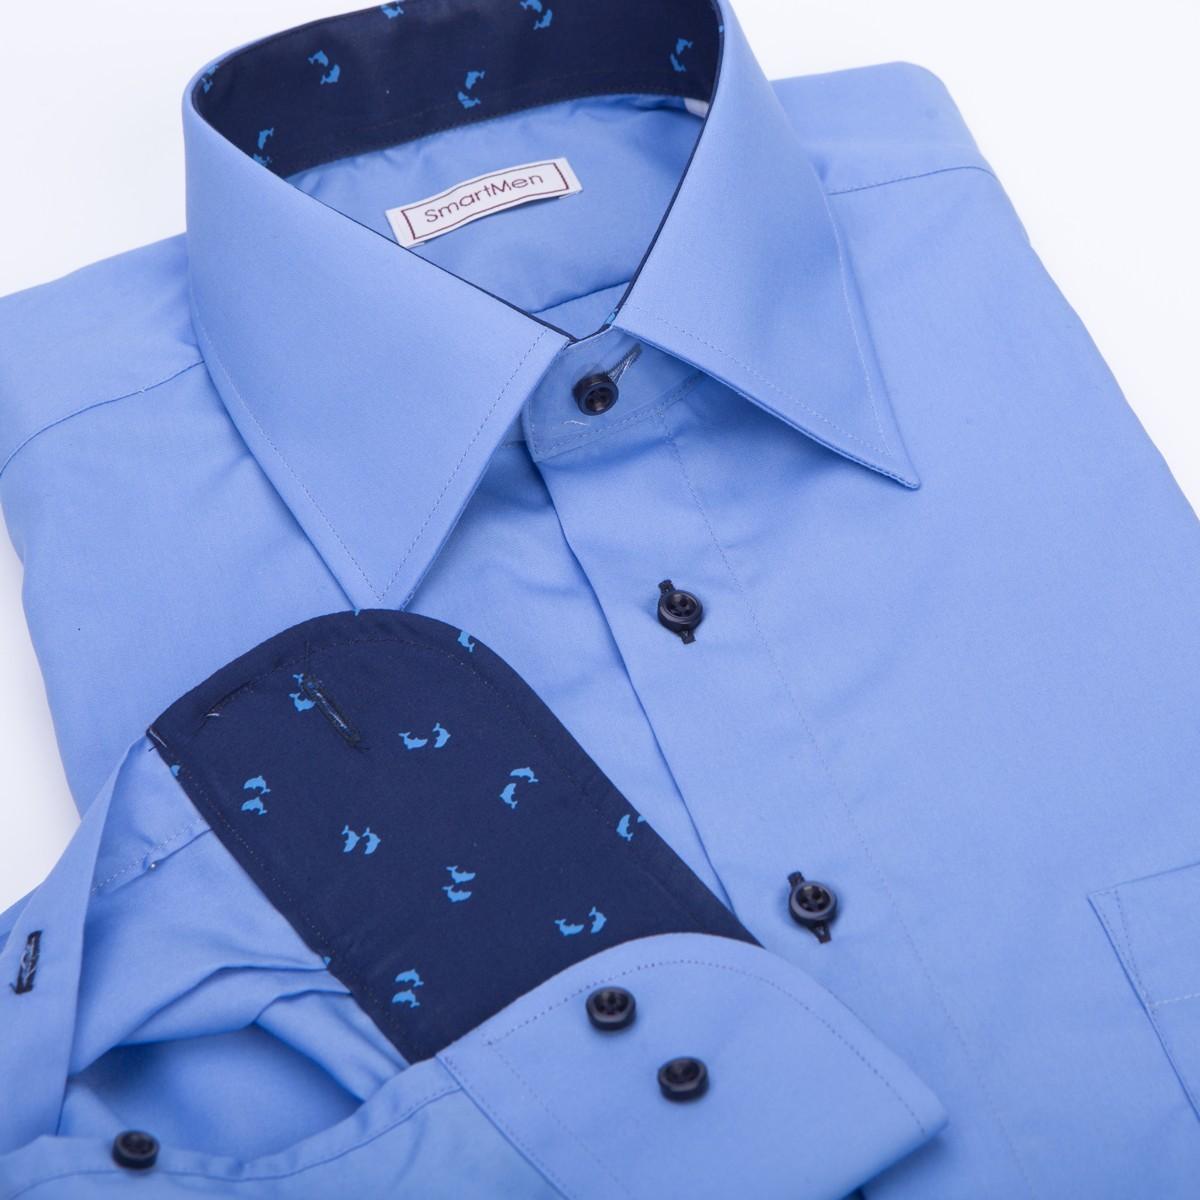 Business Casual pánska košeľa oceánovo modrá s delfínmi 108a68dc6ac